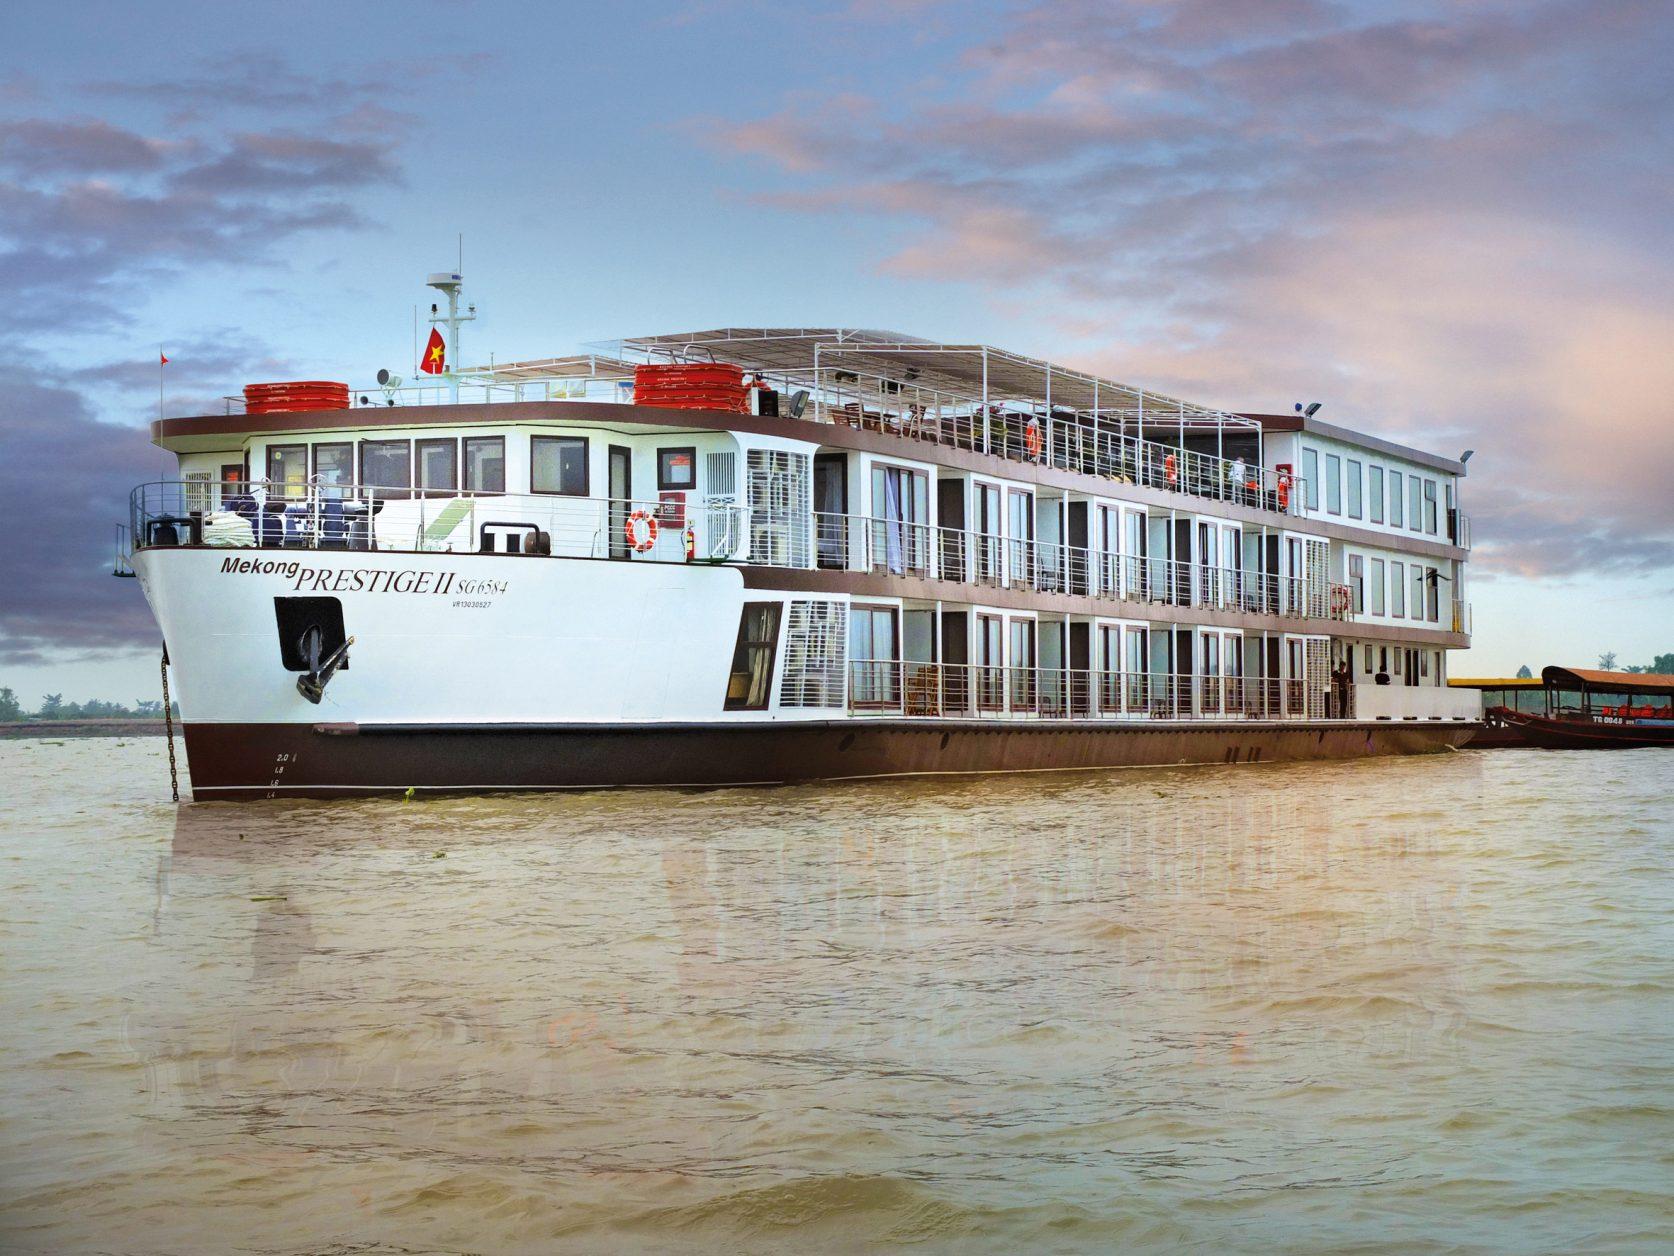 Die MS MEKONGPRESTIGE II Foto: nicko cruises